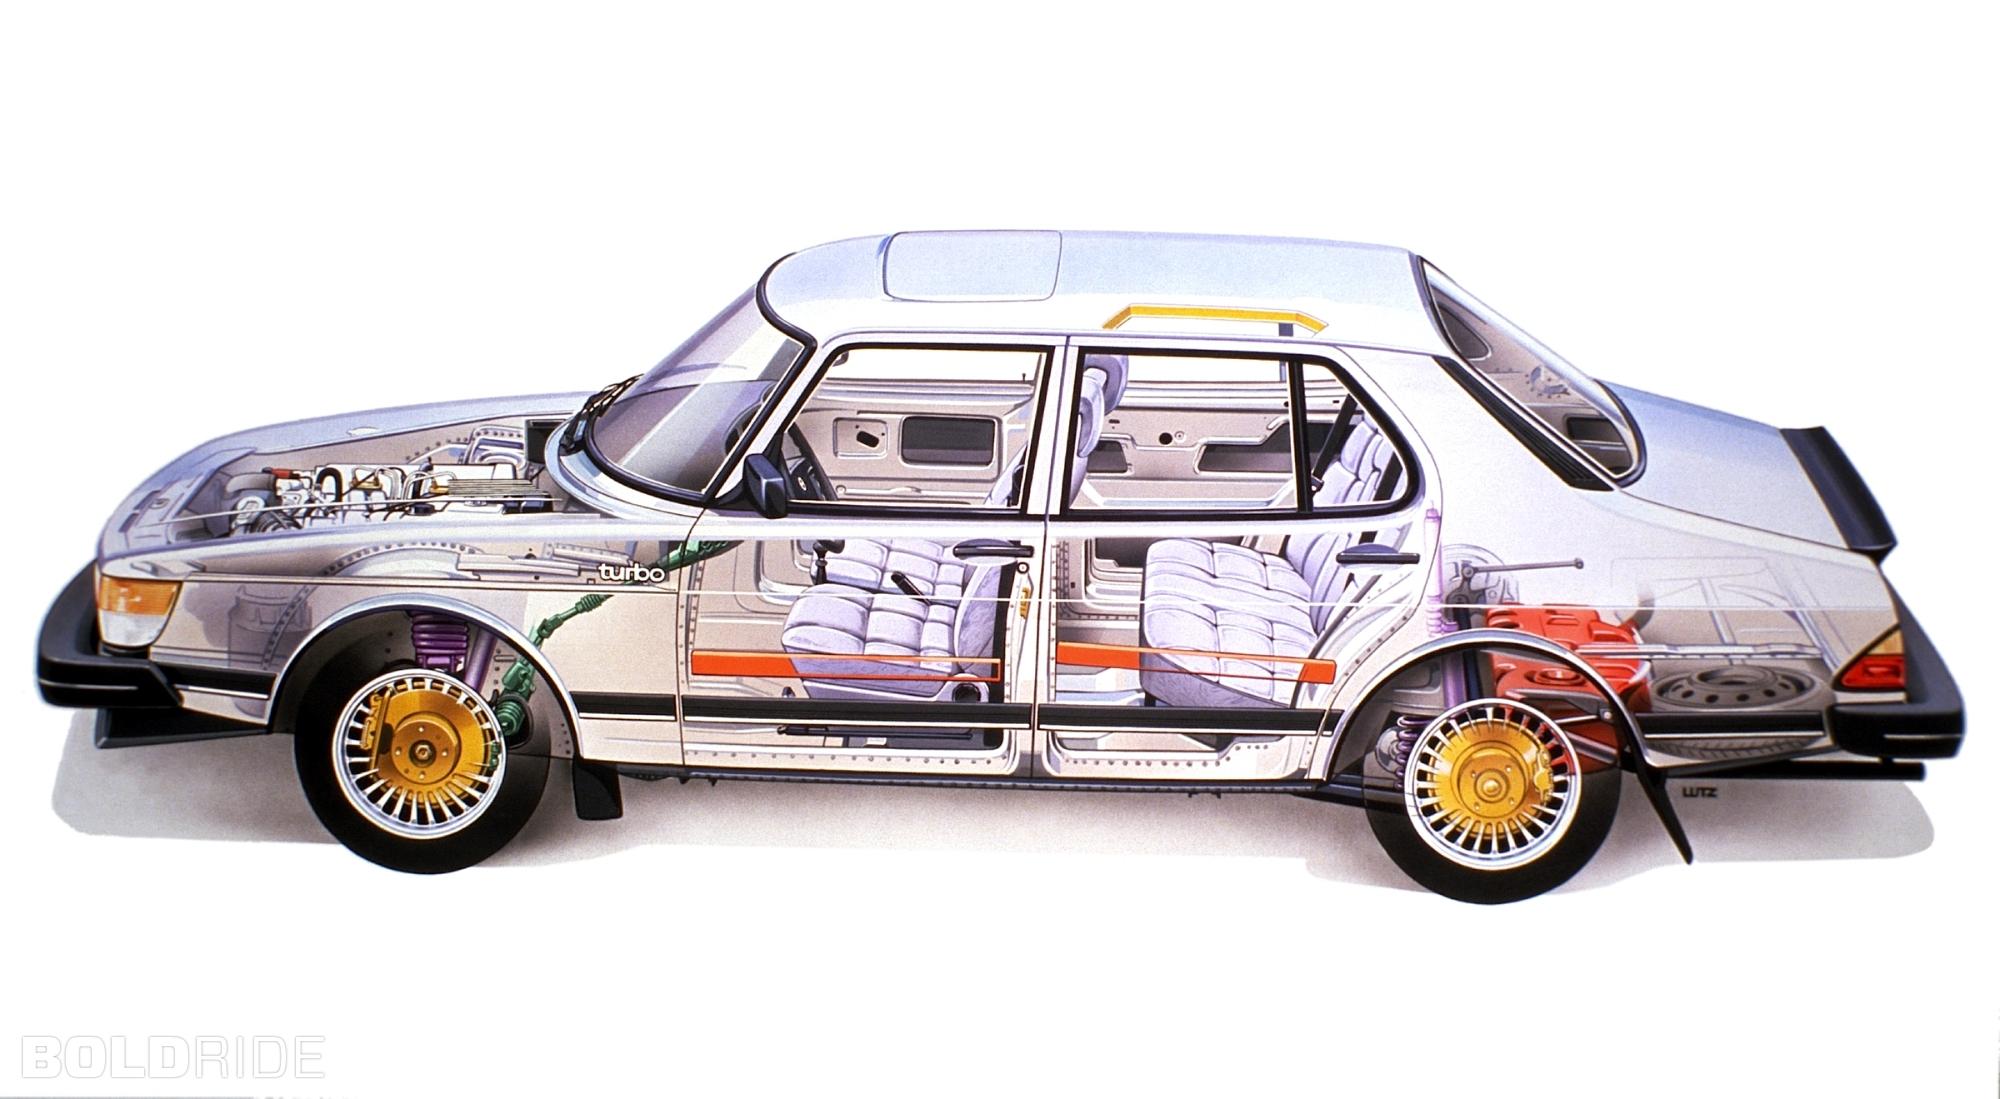 Saab-900-Turbo-X-Ray-1306197365-336